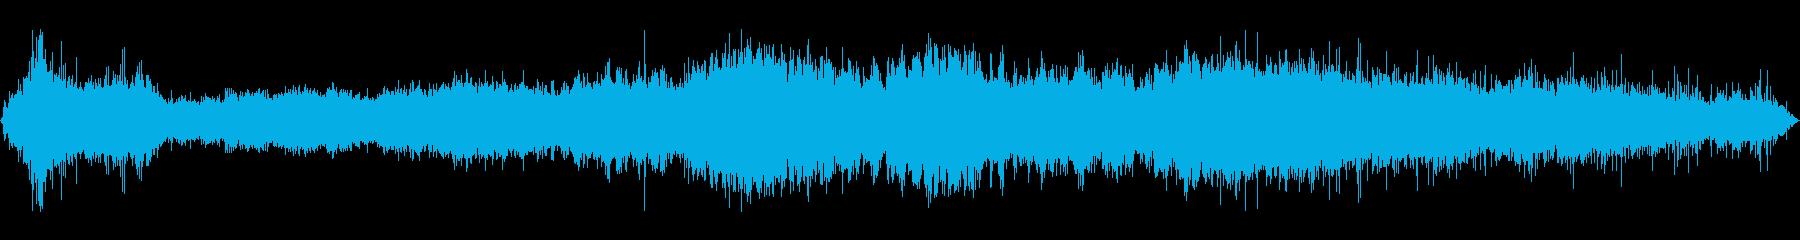 ヒューズまたはフレア:長い火傷の再生済みの波形